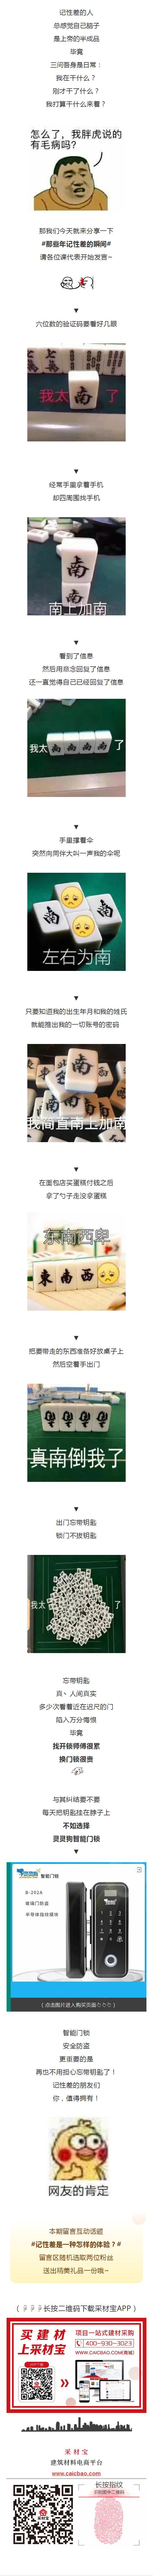 南1_看图王.png